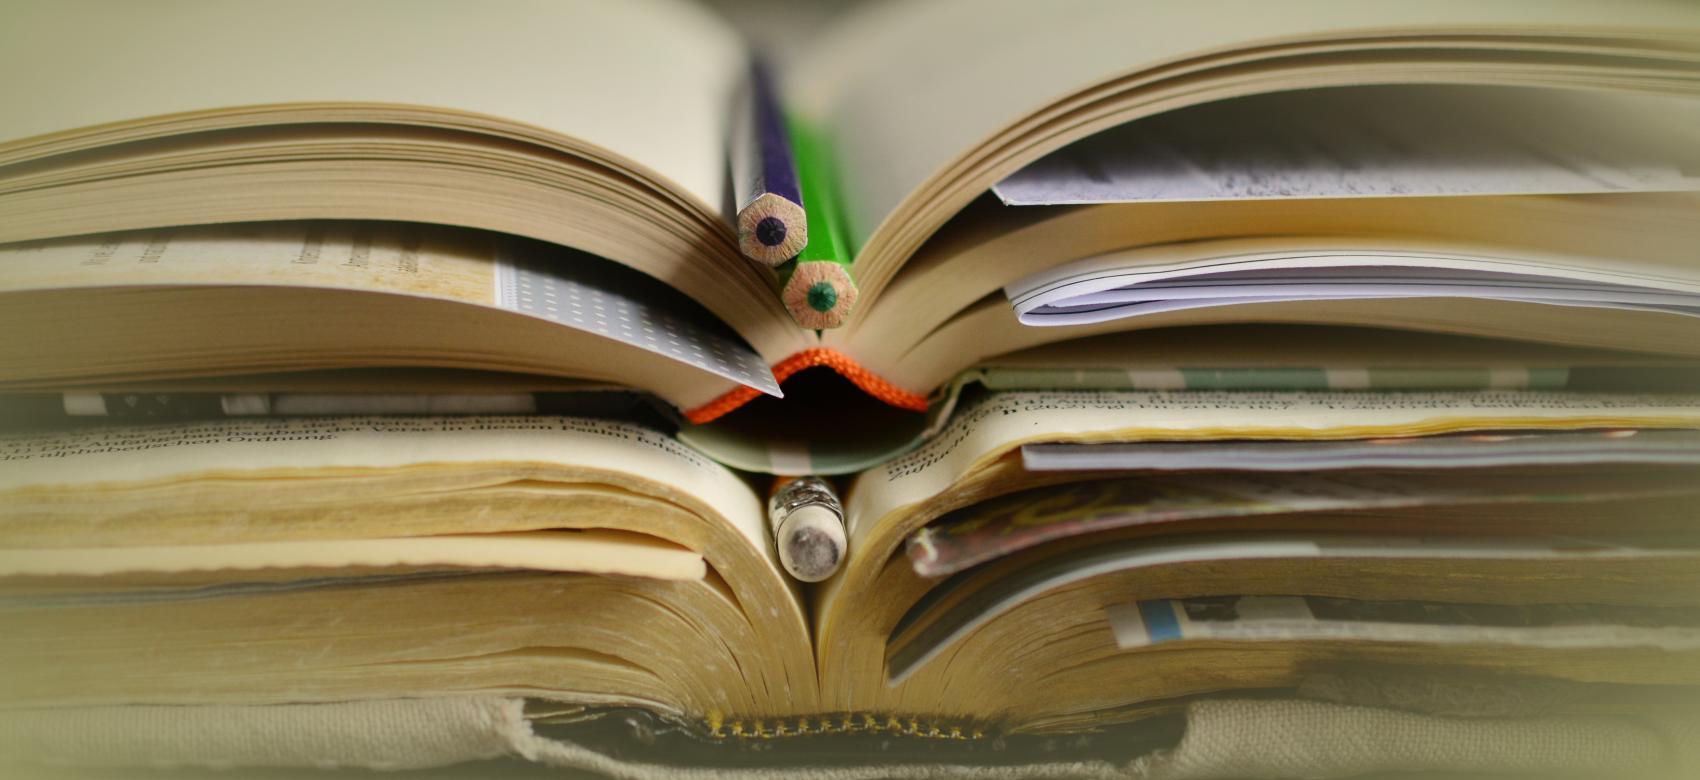 libro abierto con lapices de colores